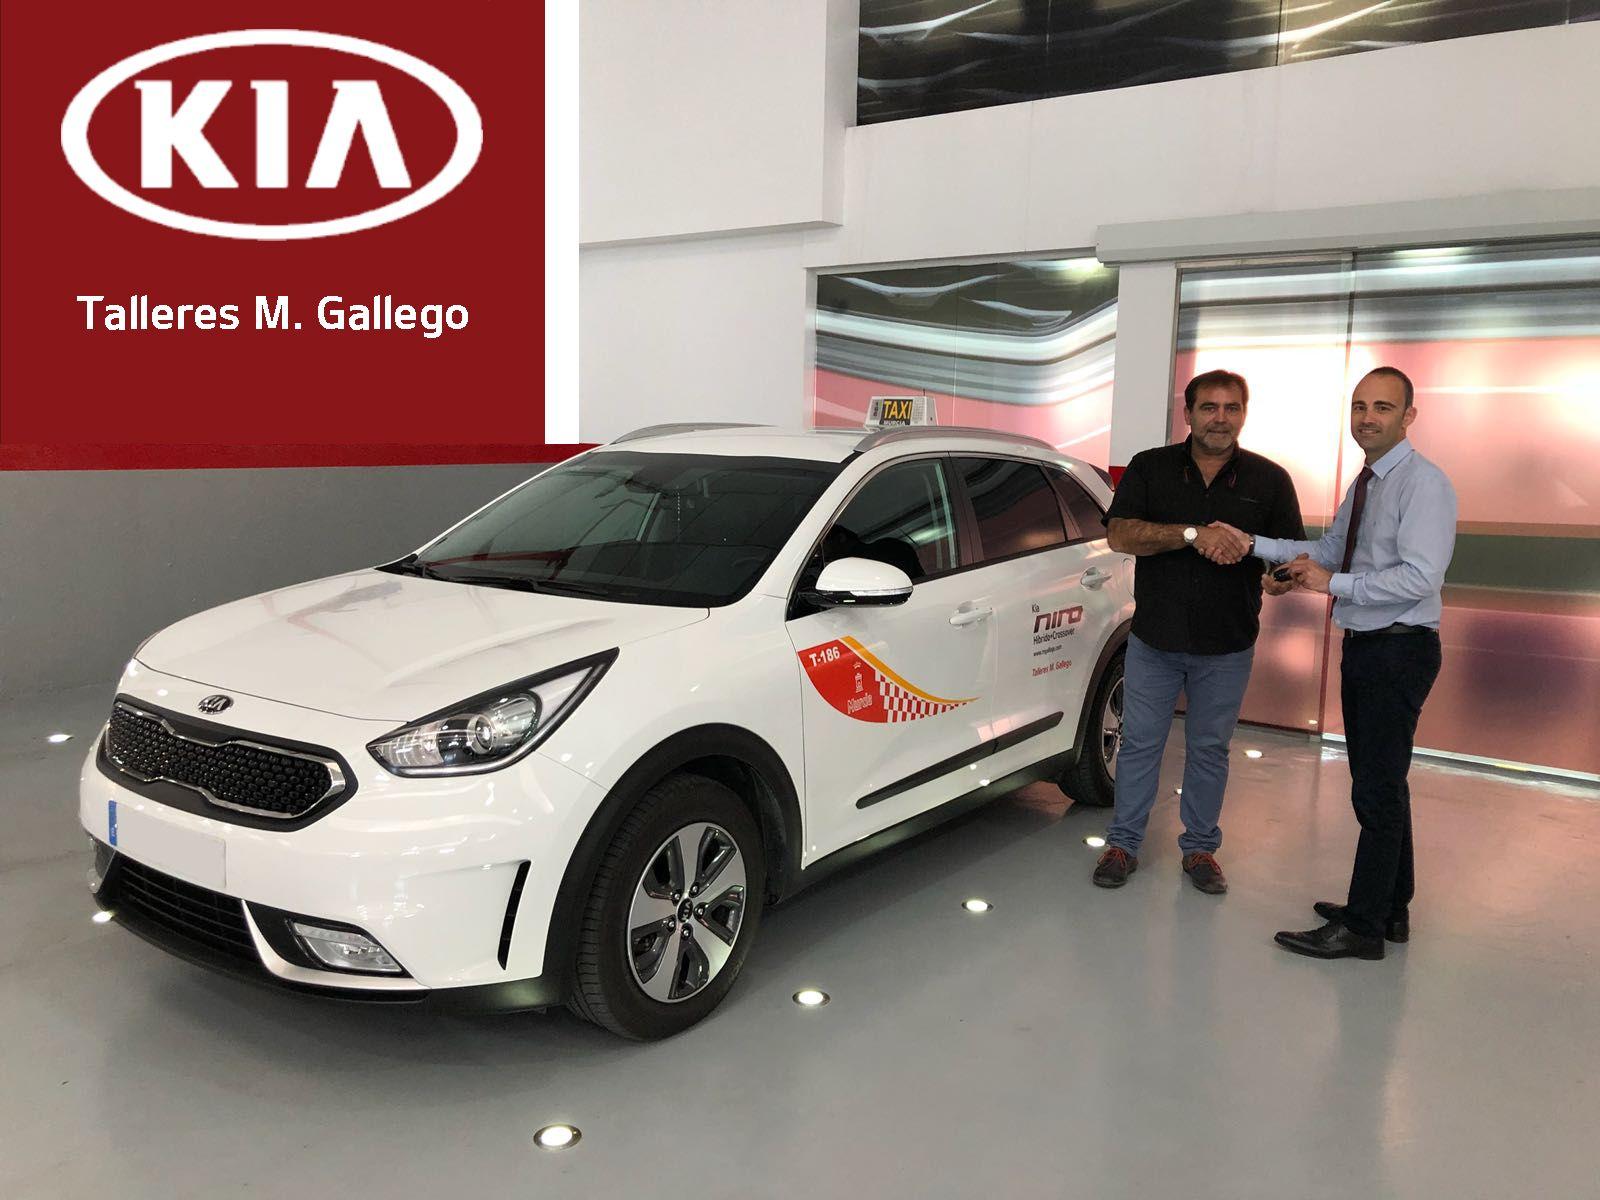 Ya circula en Murcia el primer TAXI Crossover Híbrido, el Nuevo KIA NIRO HEV